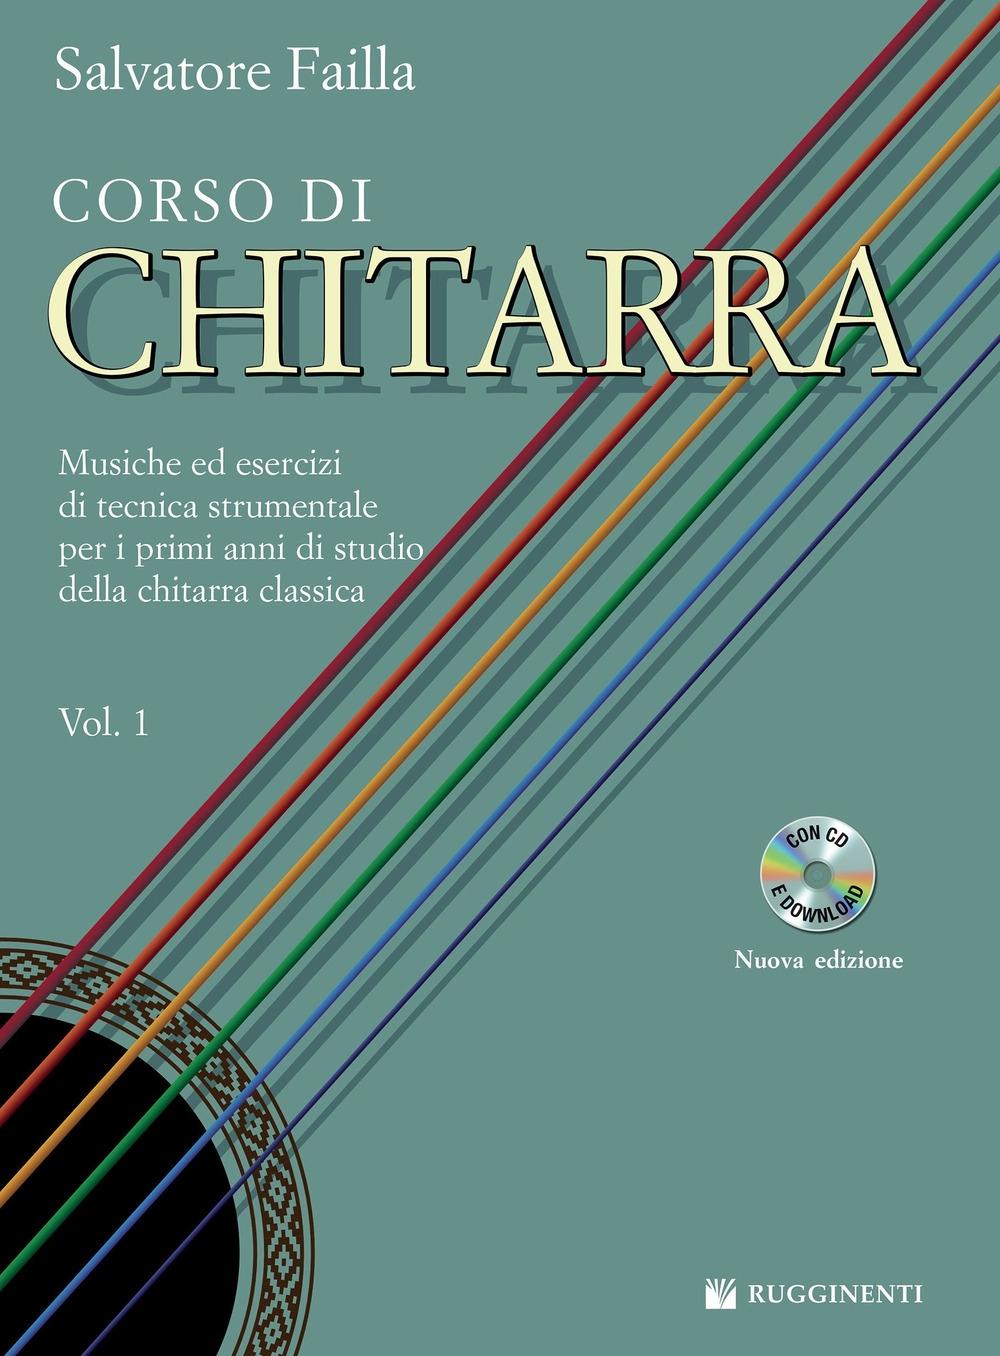 Corso di Chitarra. Musiche ed Esercizi di Tecnica Strumentale per i Primi Anni di Studio della Chitarra Classica. Vol. 1. [Con CD Rom]